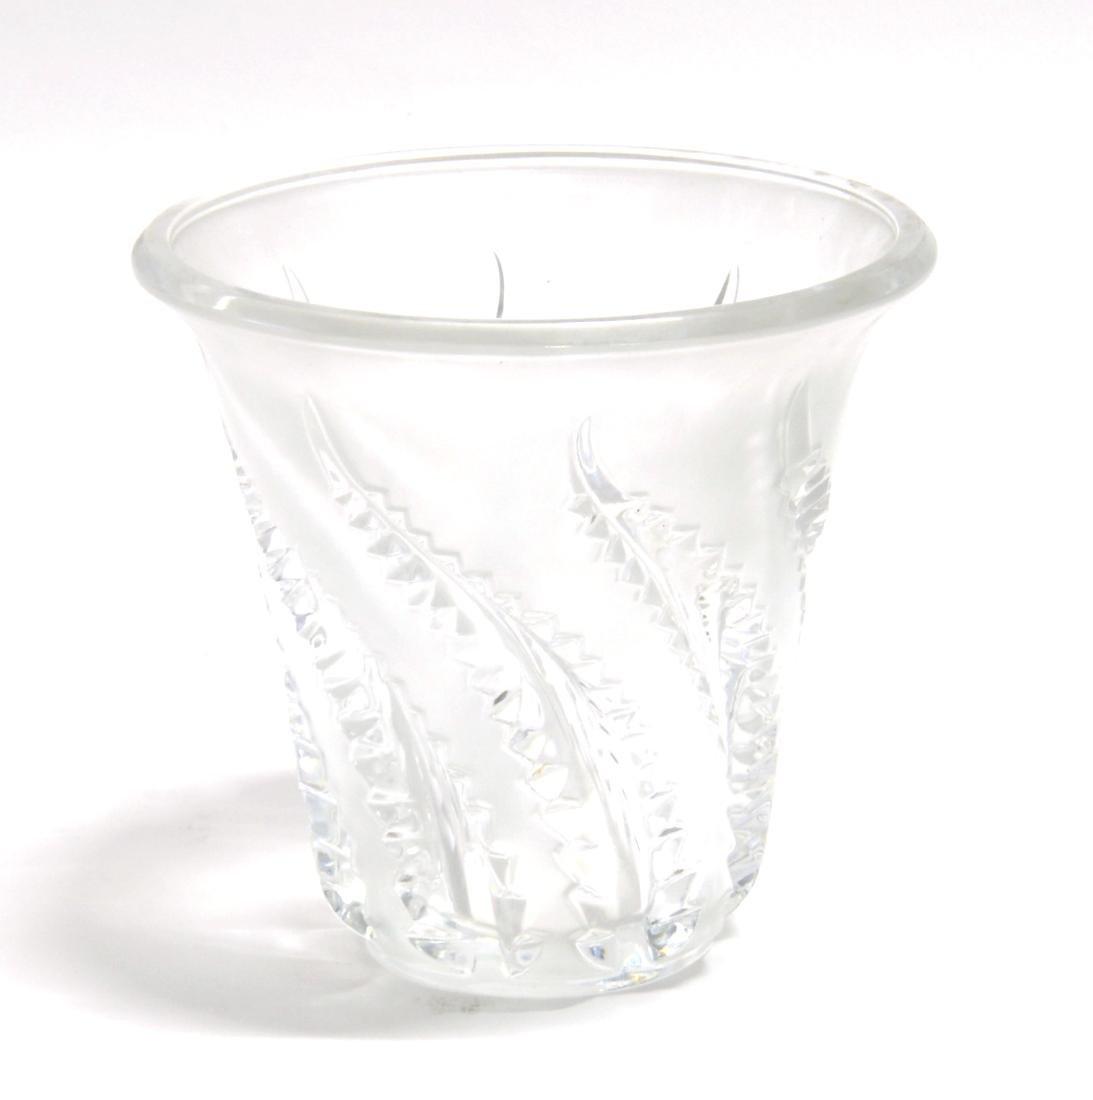 Lalique Vaso troncoconico a bocca svasata in vetro